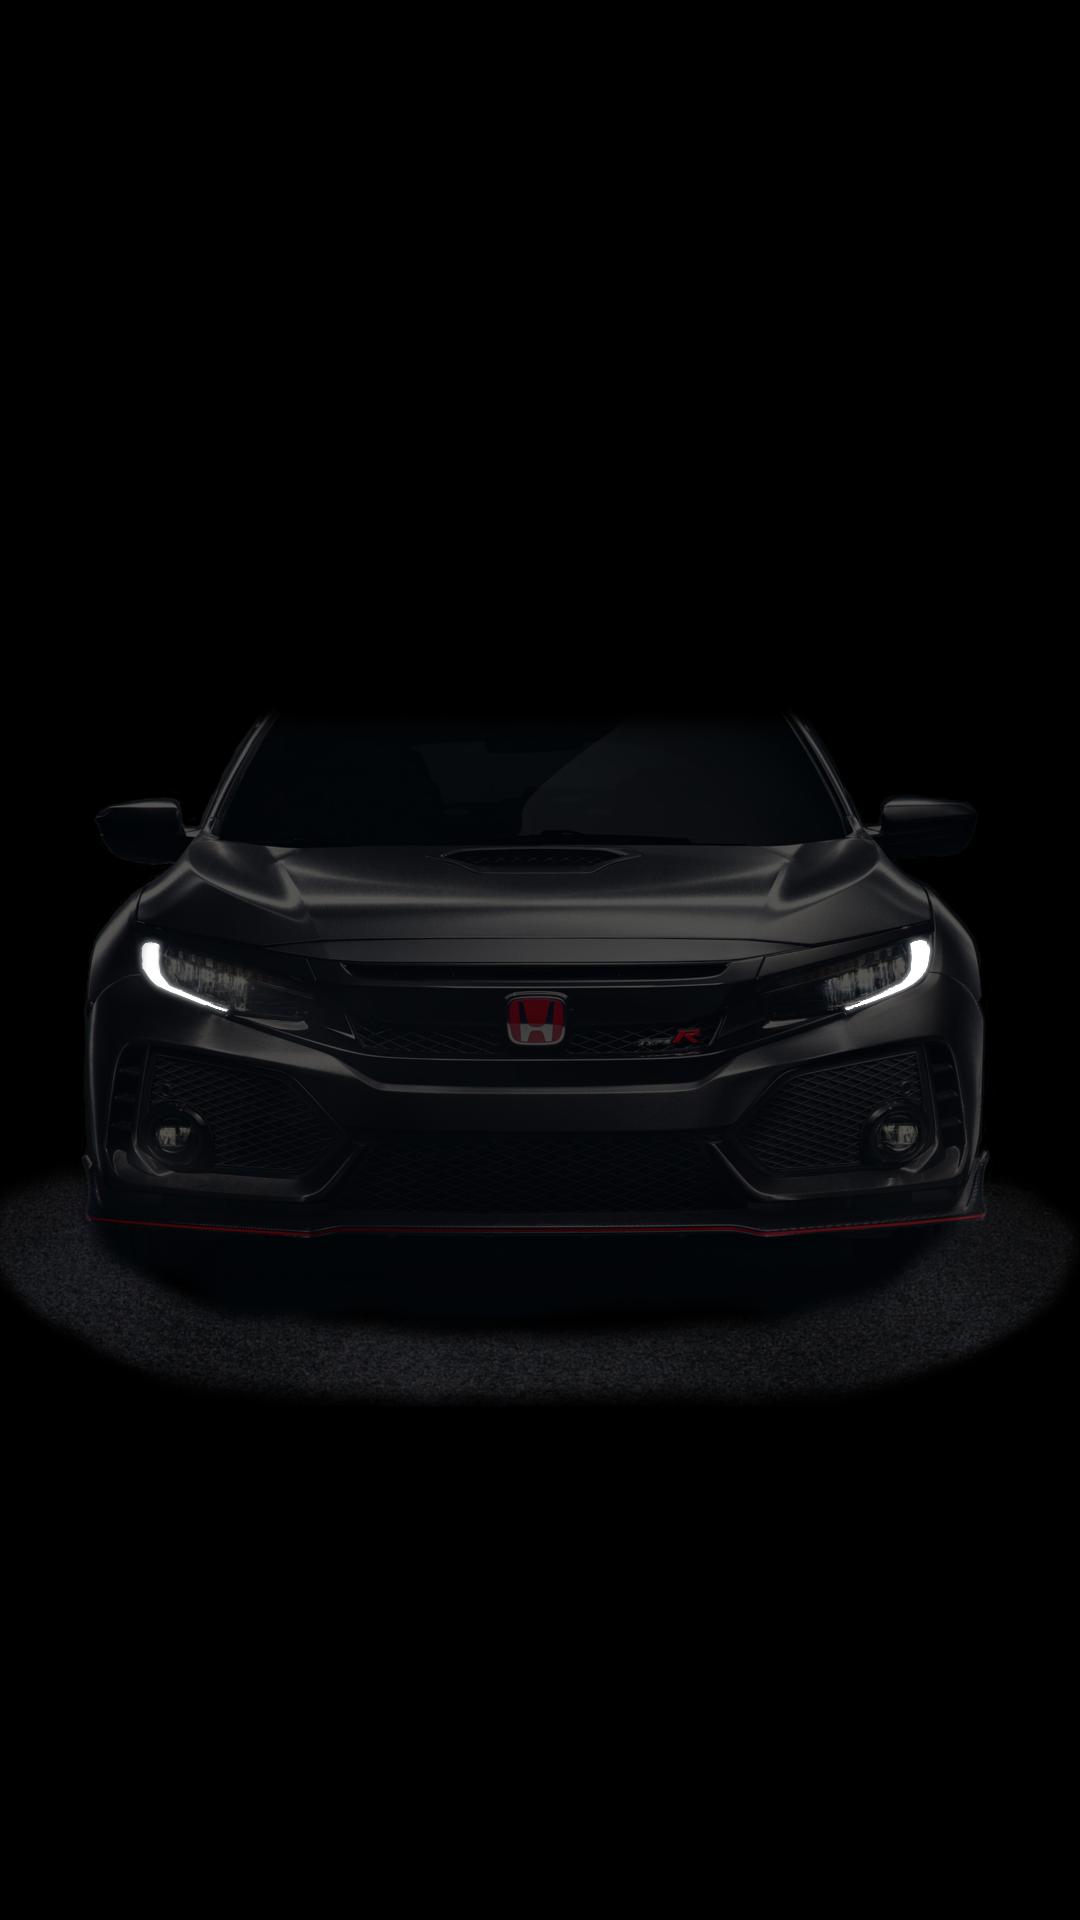 78 2019 Goal Ideas Honda Civic Honda Civic Type R Honda Civic Hatchback